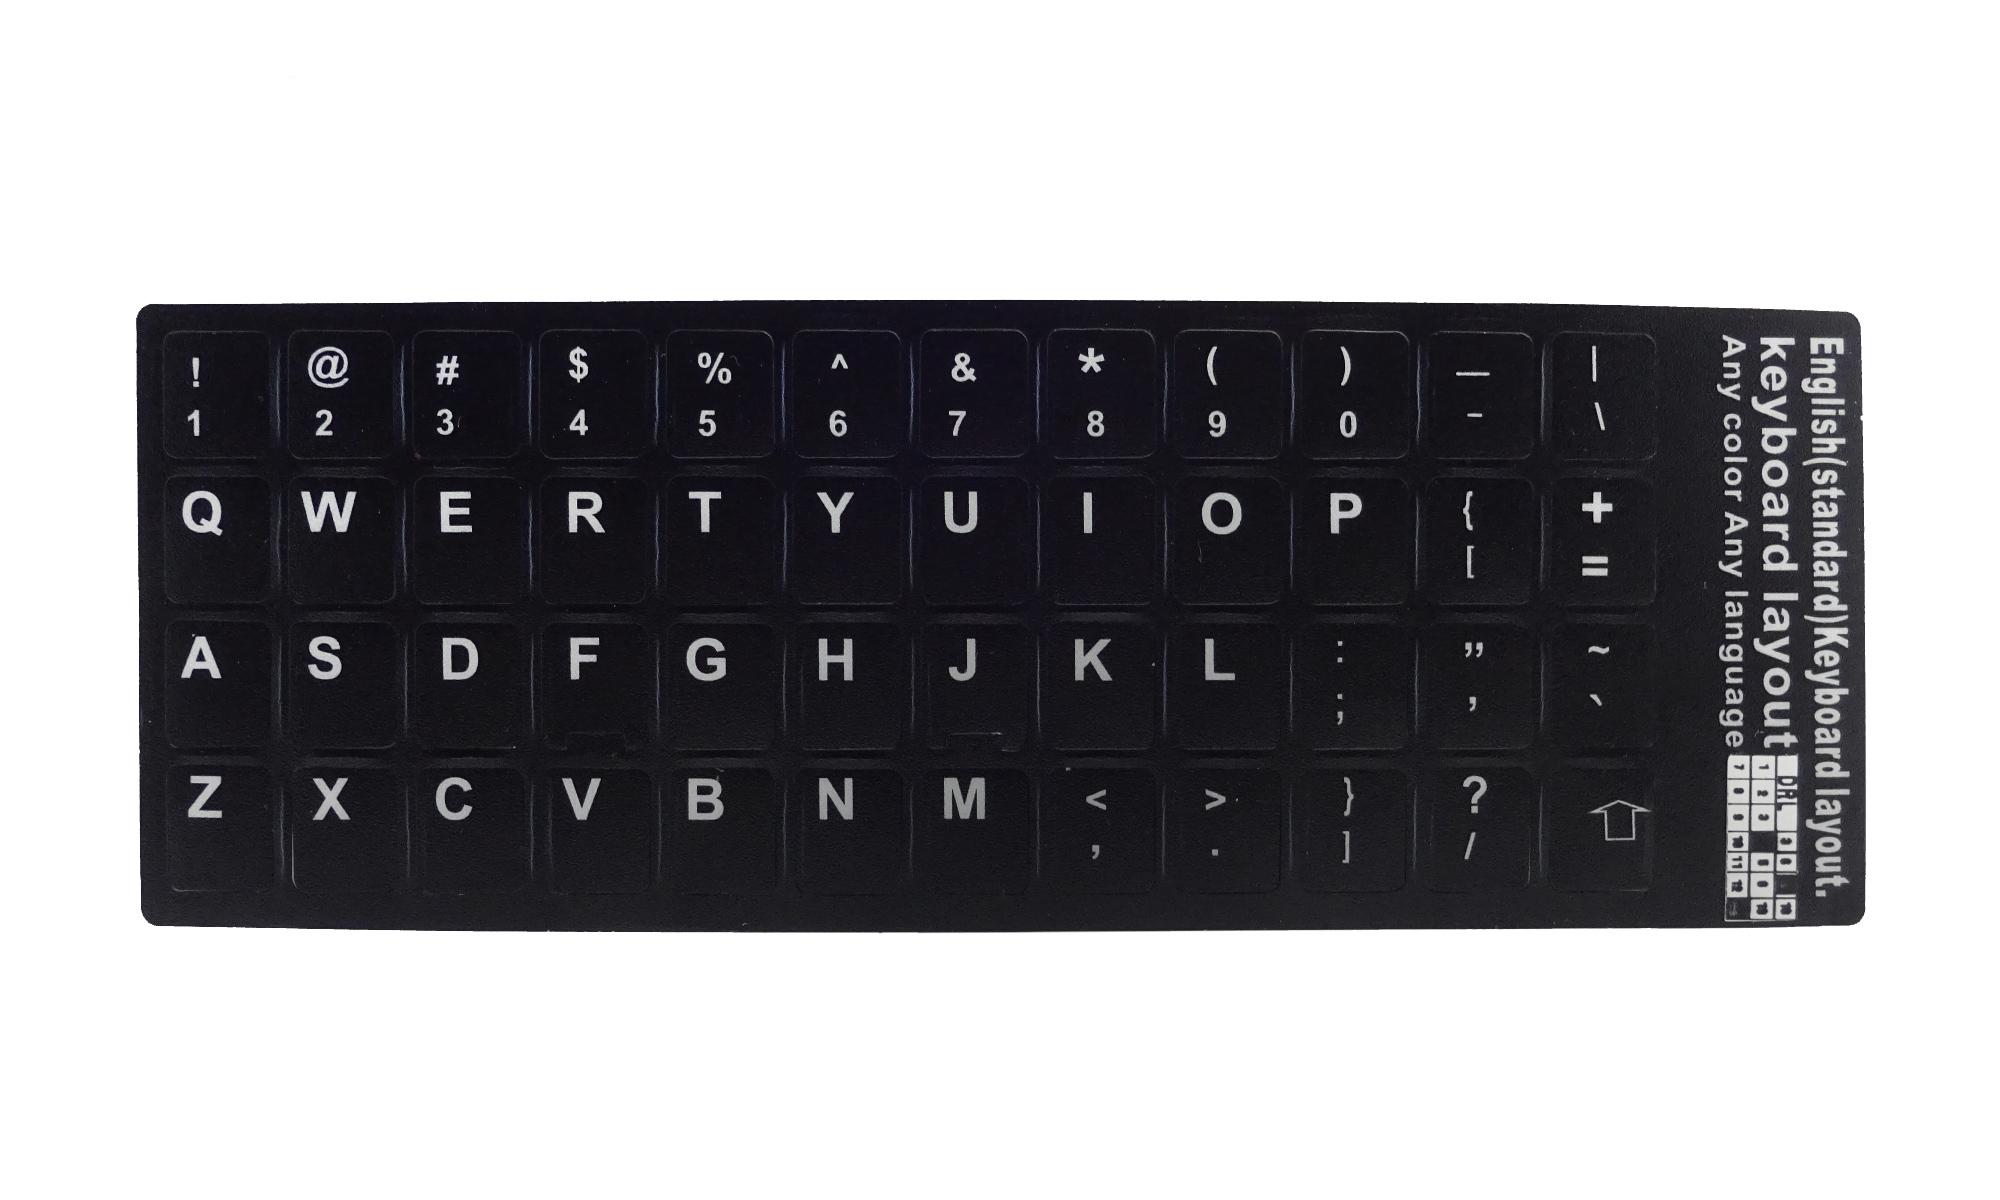 Abtibild sticker pentru tastatura